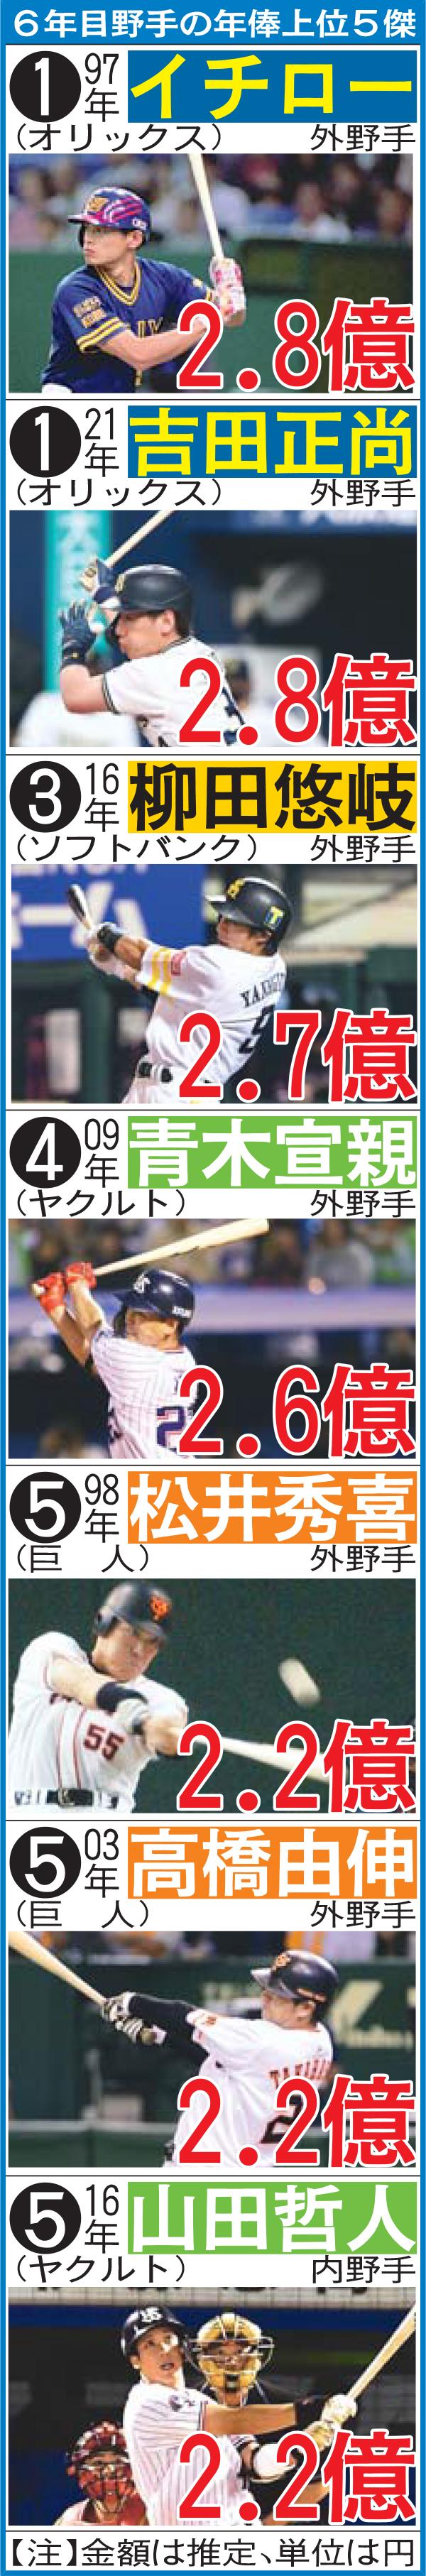 6年目野手の年俸上位5傑